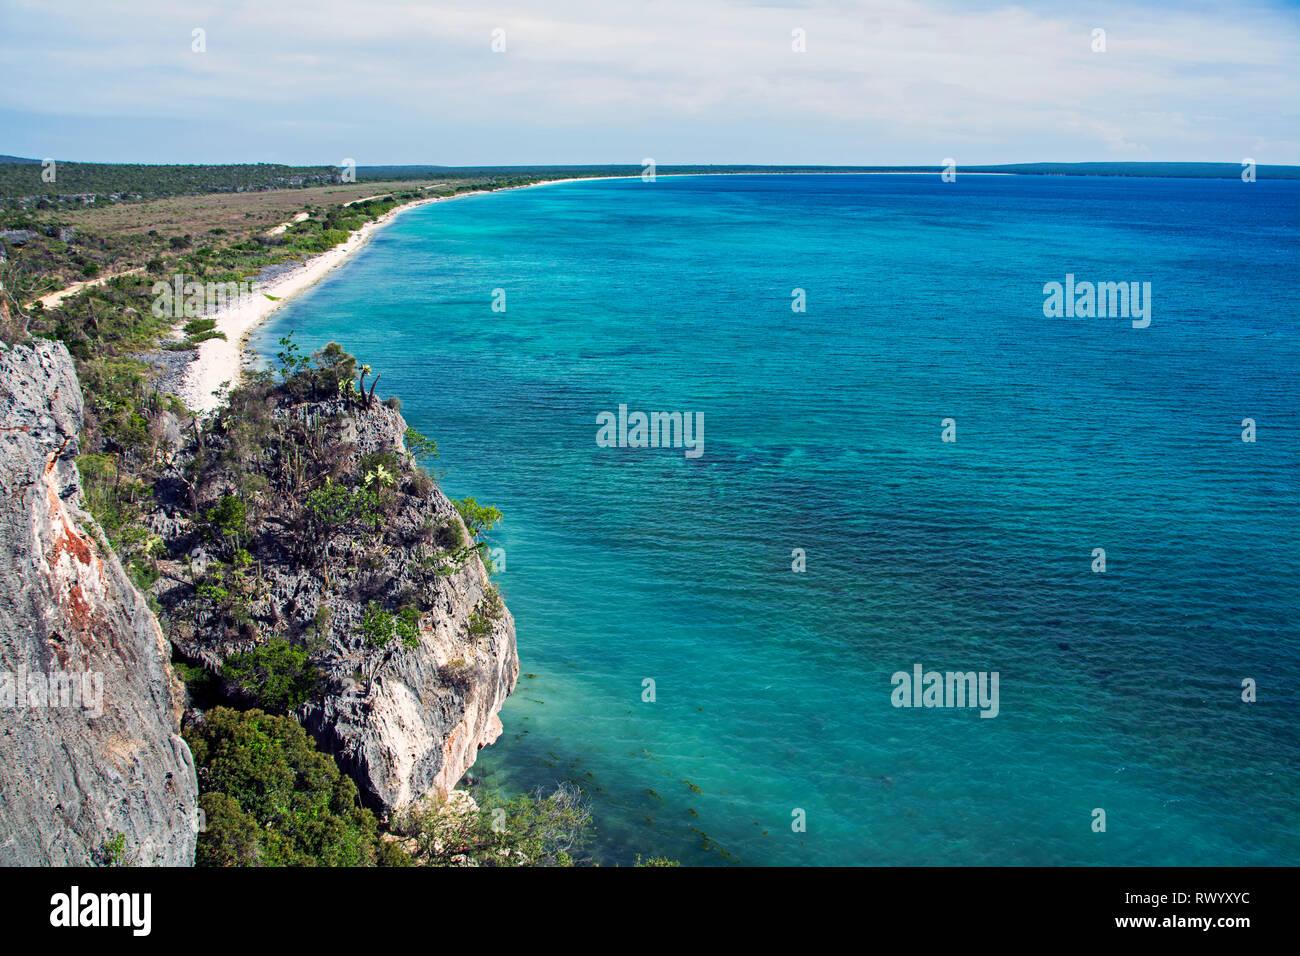 604ef67fe18d58 La baia delle Aquile è una baia del Mare dei Caraibi